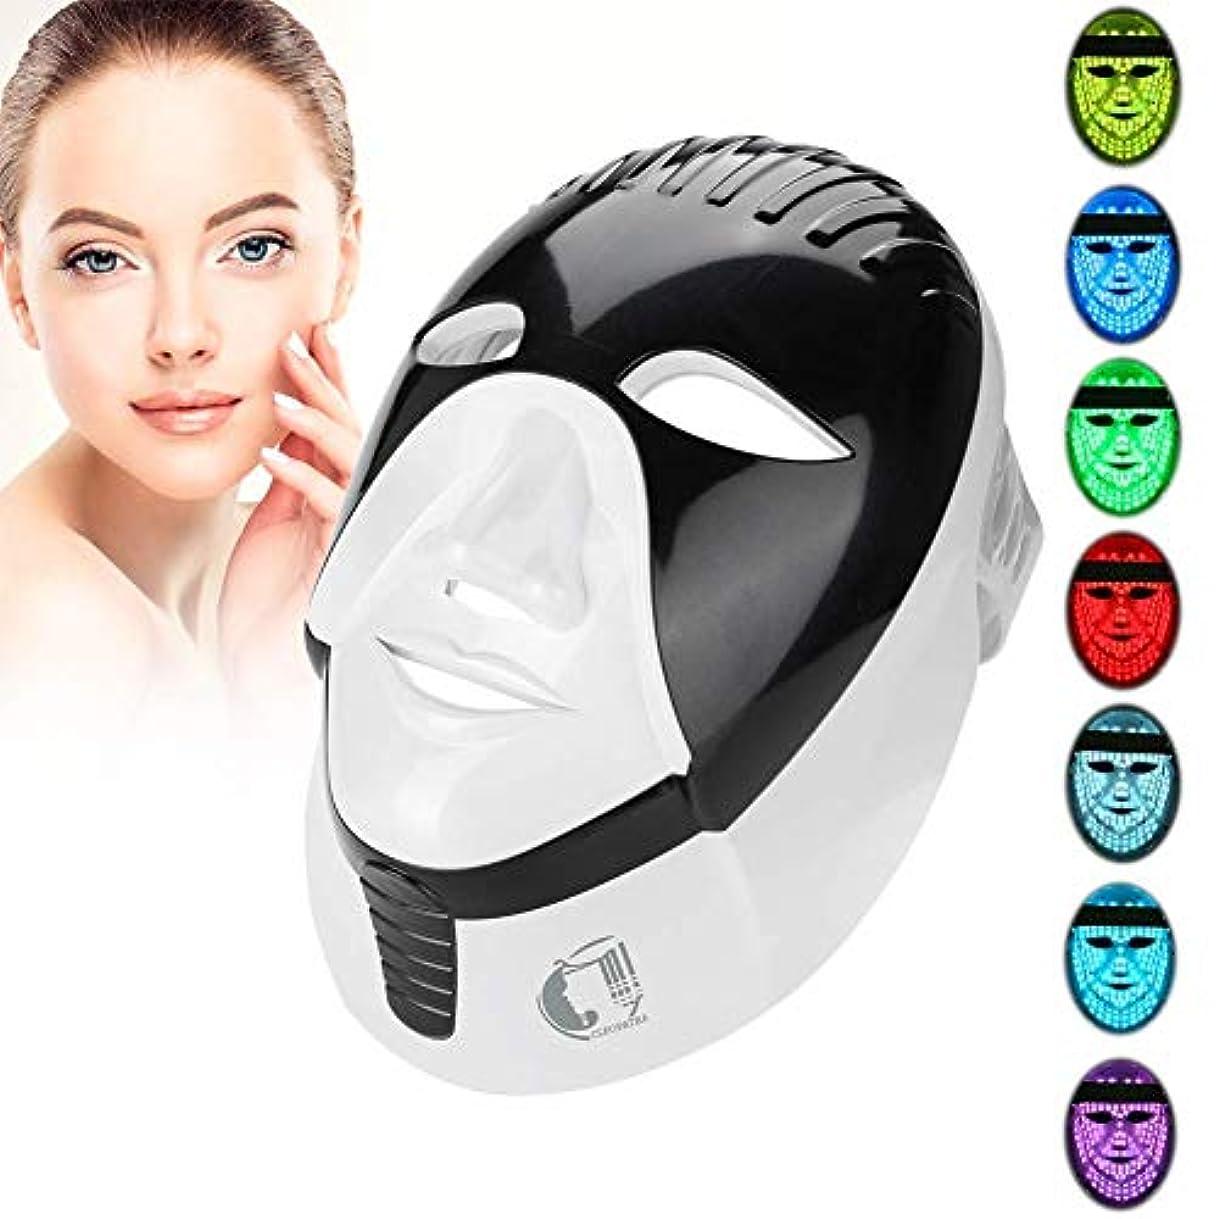 値すごいロック解除フォトンセラピー7色マスク、毎日のスキンケアの若返りにきびとしわの除去のための美光療法フェイシャル